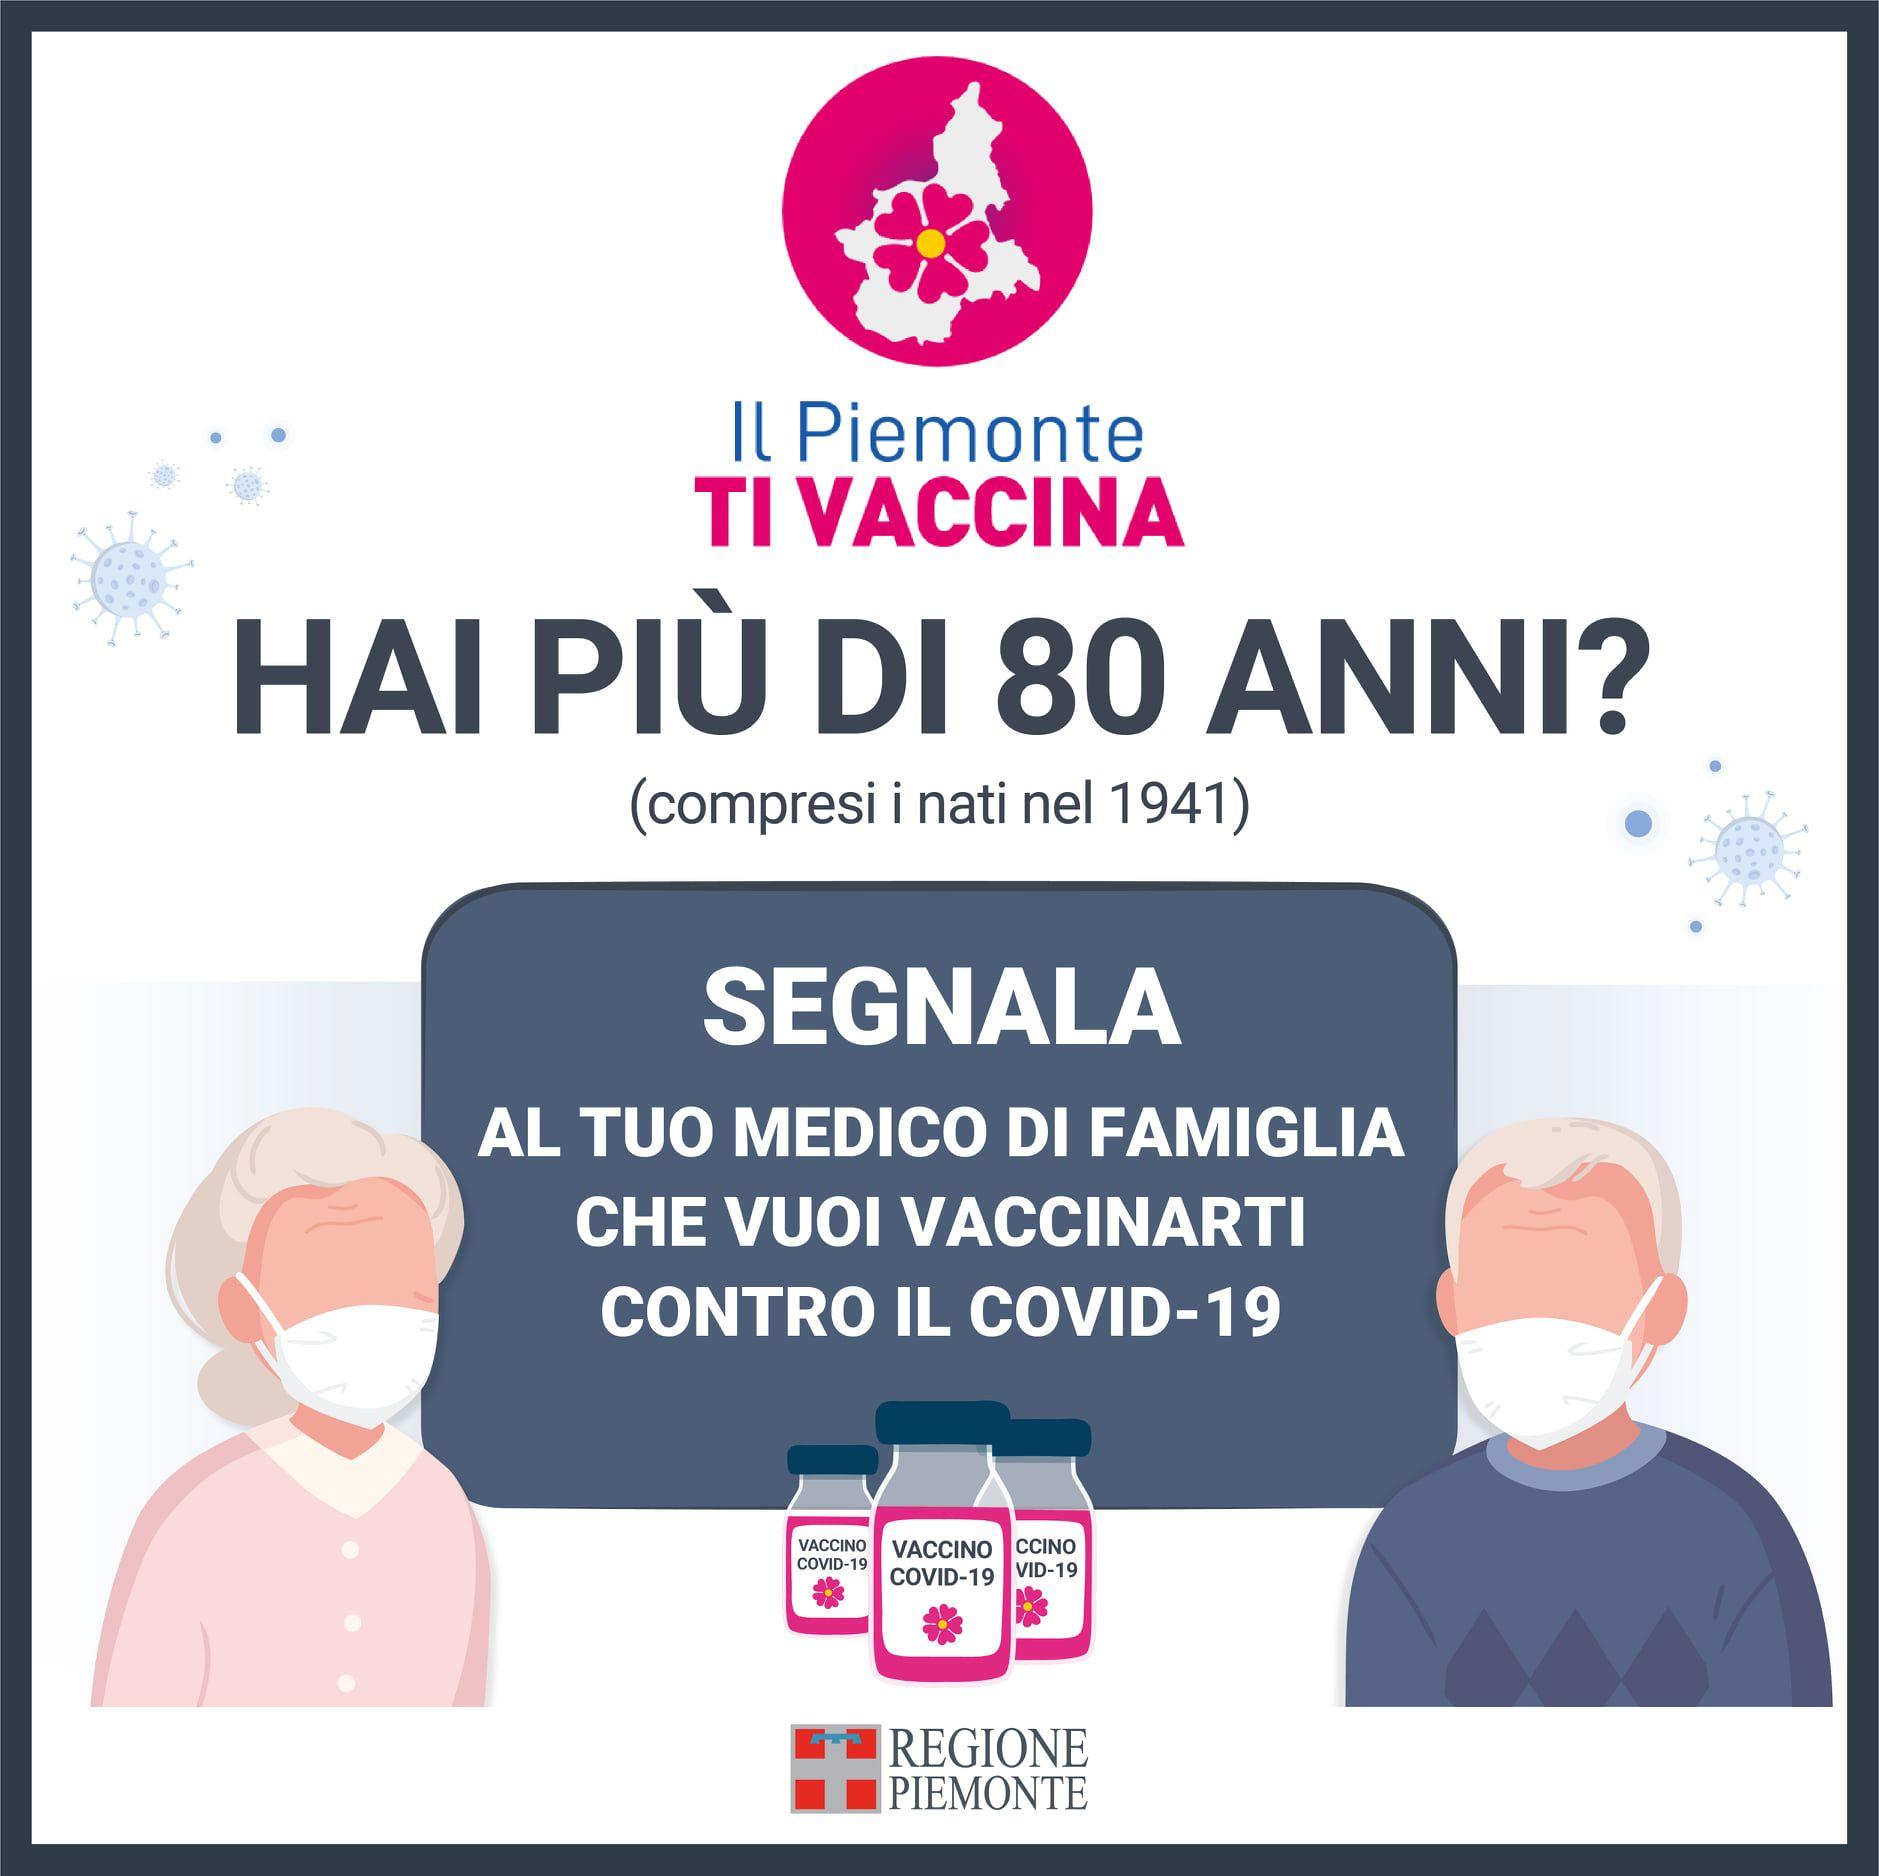 CANAVESE - Il 60% dei pensionati over 80 ha già prenotato il vaccino anti covid - I DATI